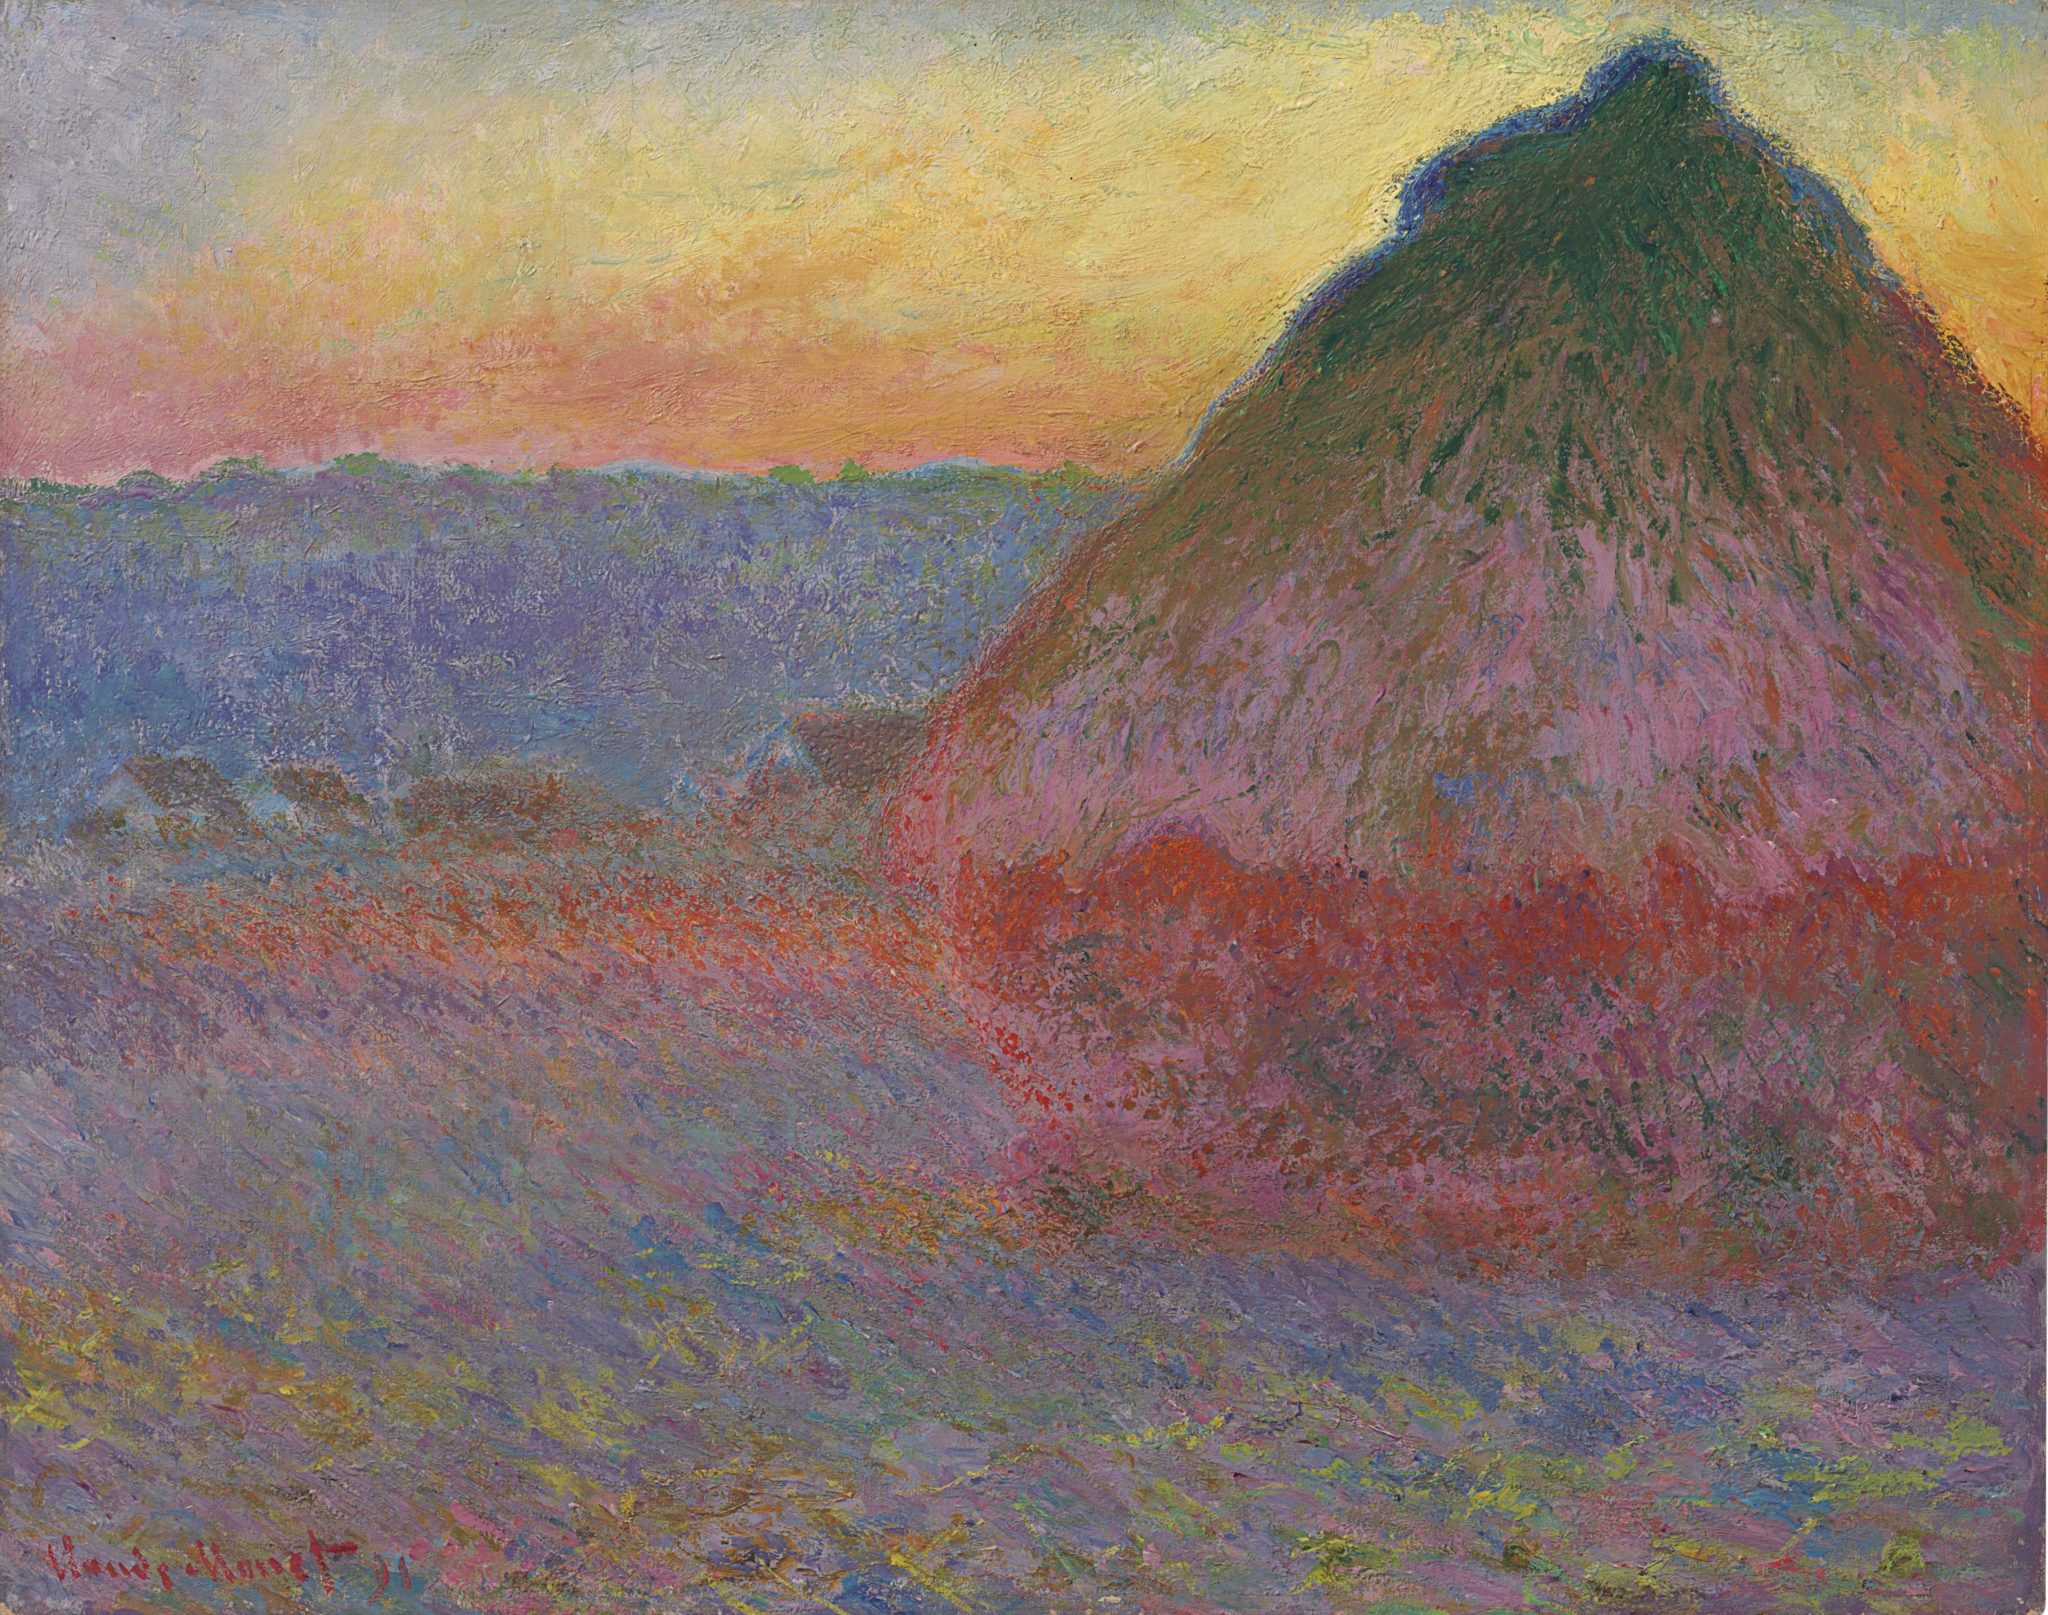 Un Monet da 45 milioni $ da Christie's. Della serie dei covoni